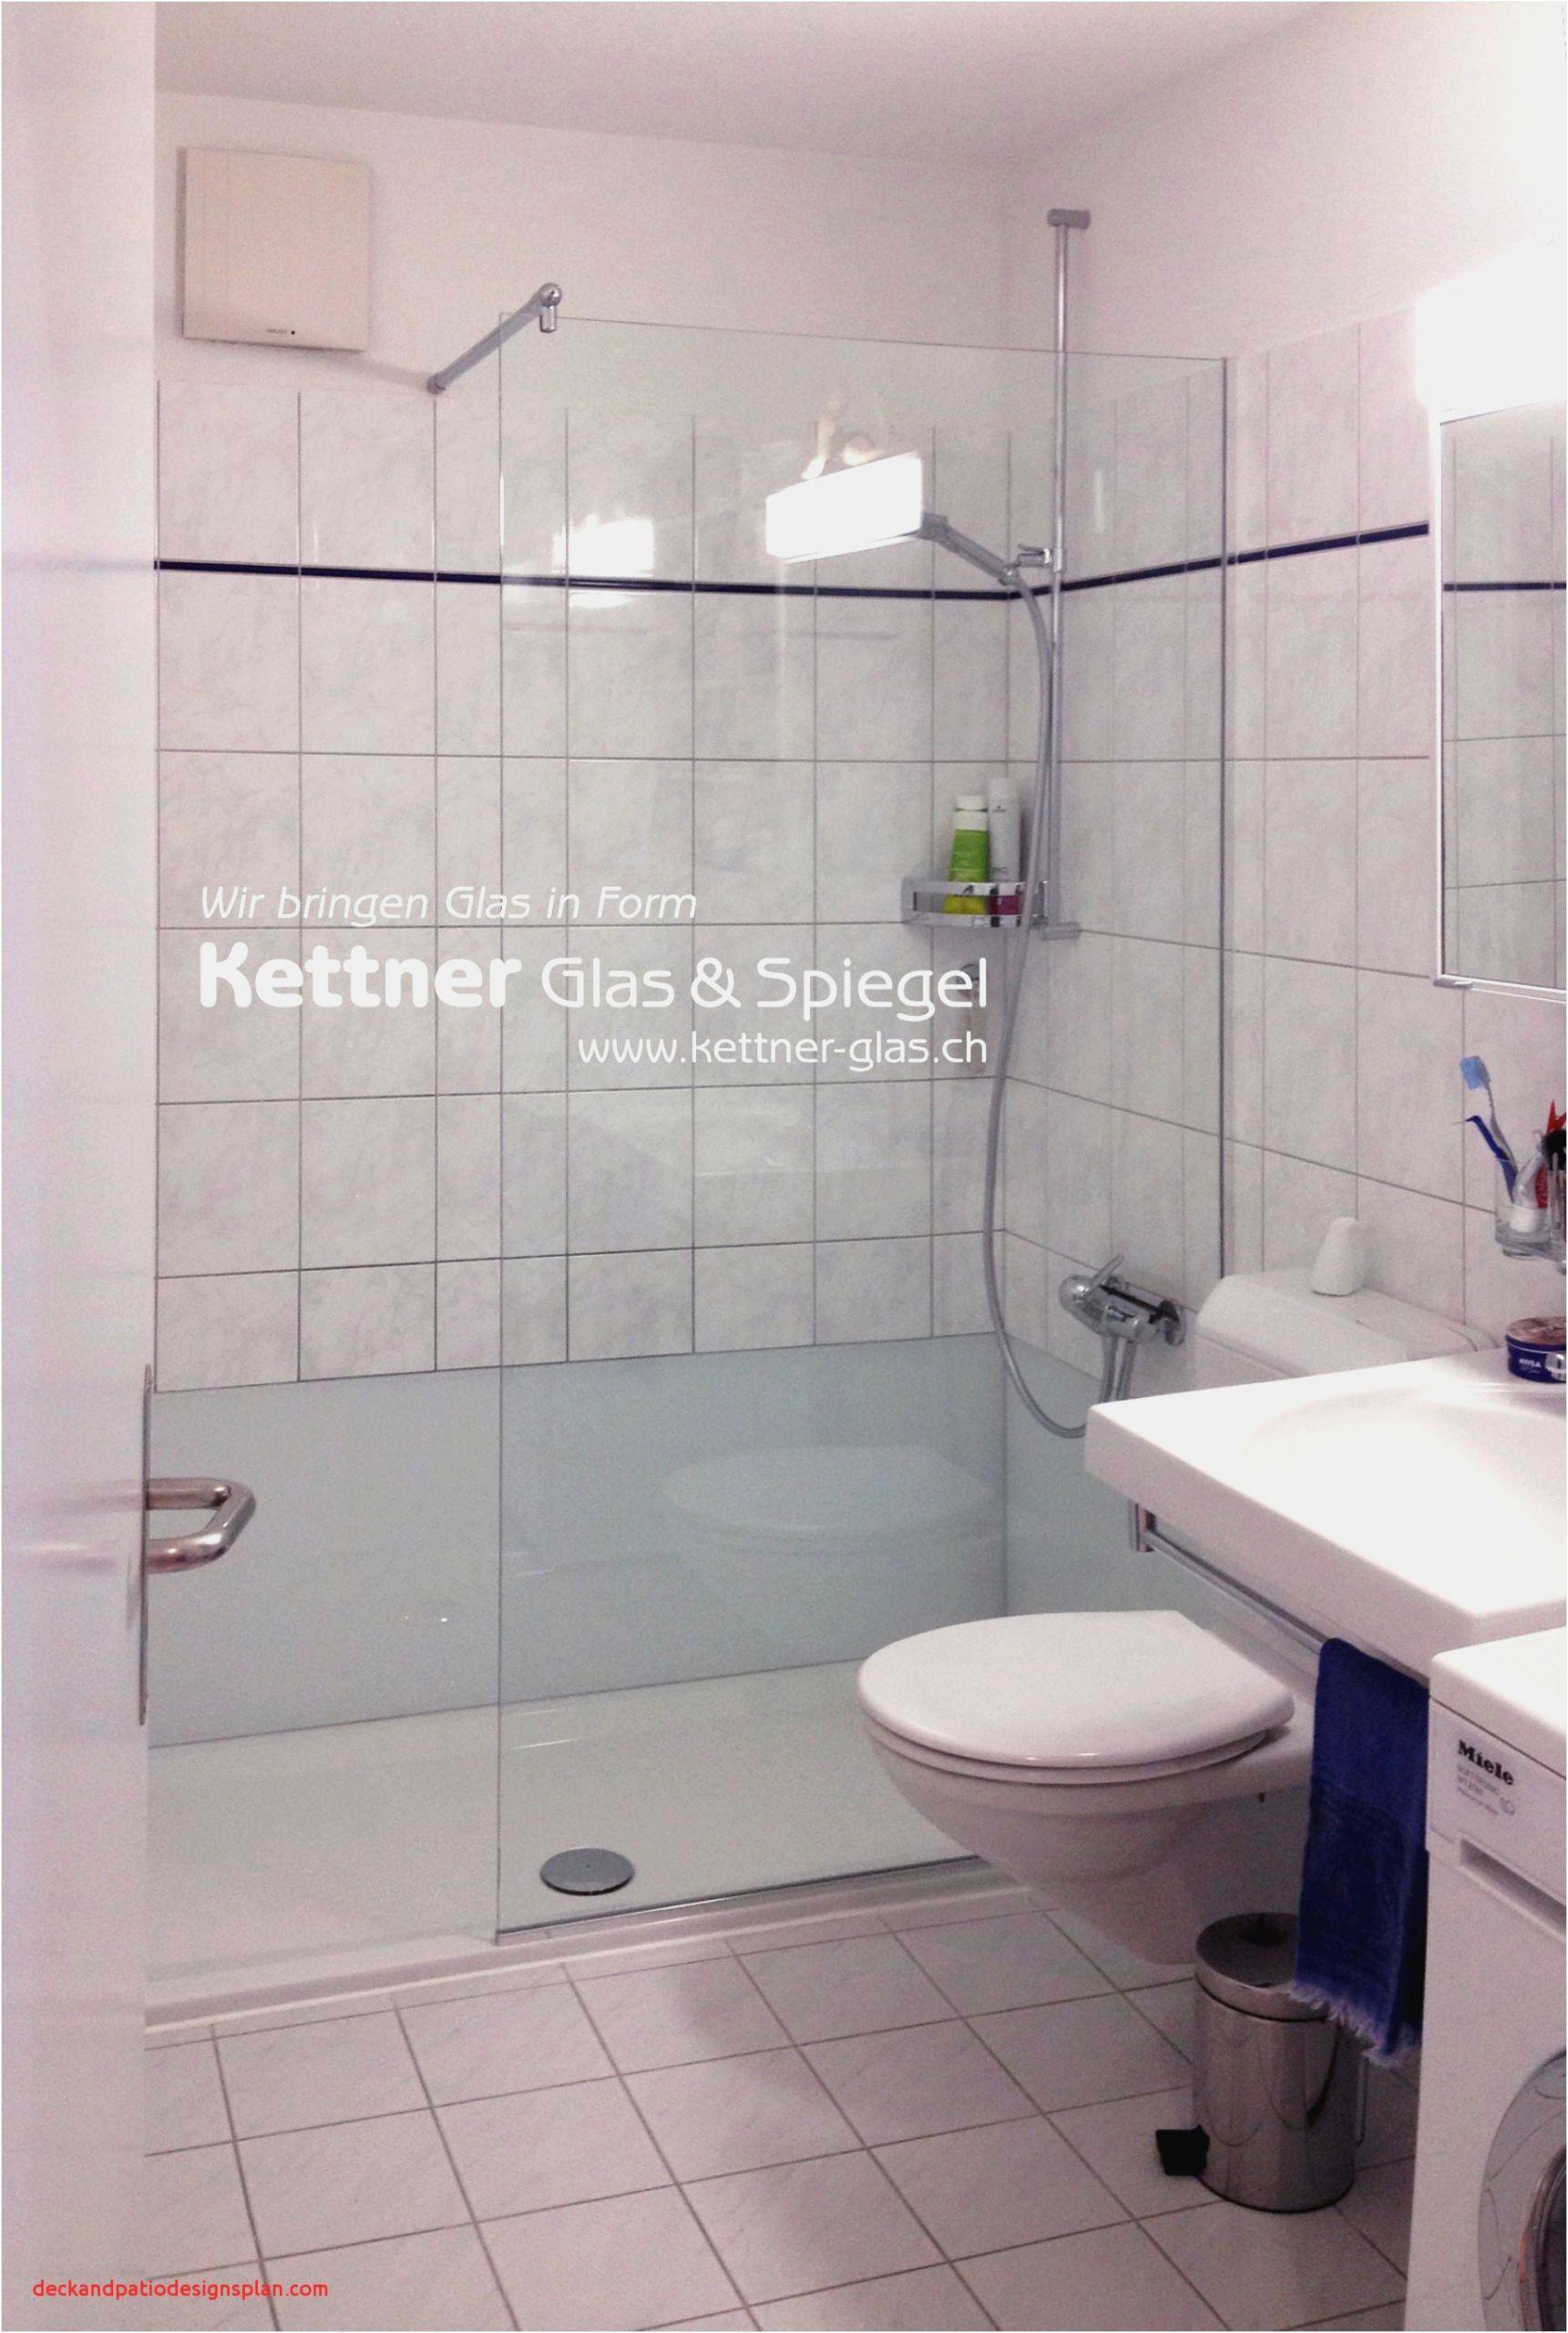 spiegel fur badezimmer luxus altes badezimmer aufpeppen temobardz home blog of spiegel fur badezimmer scaled